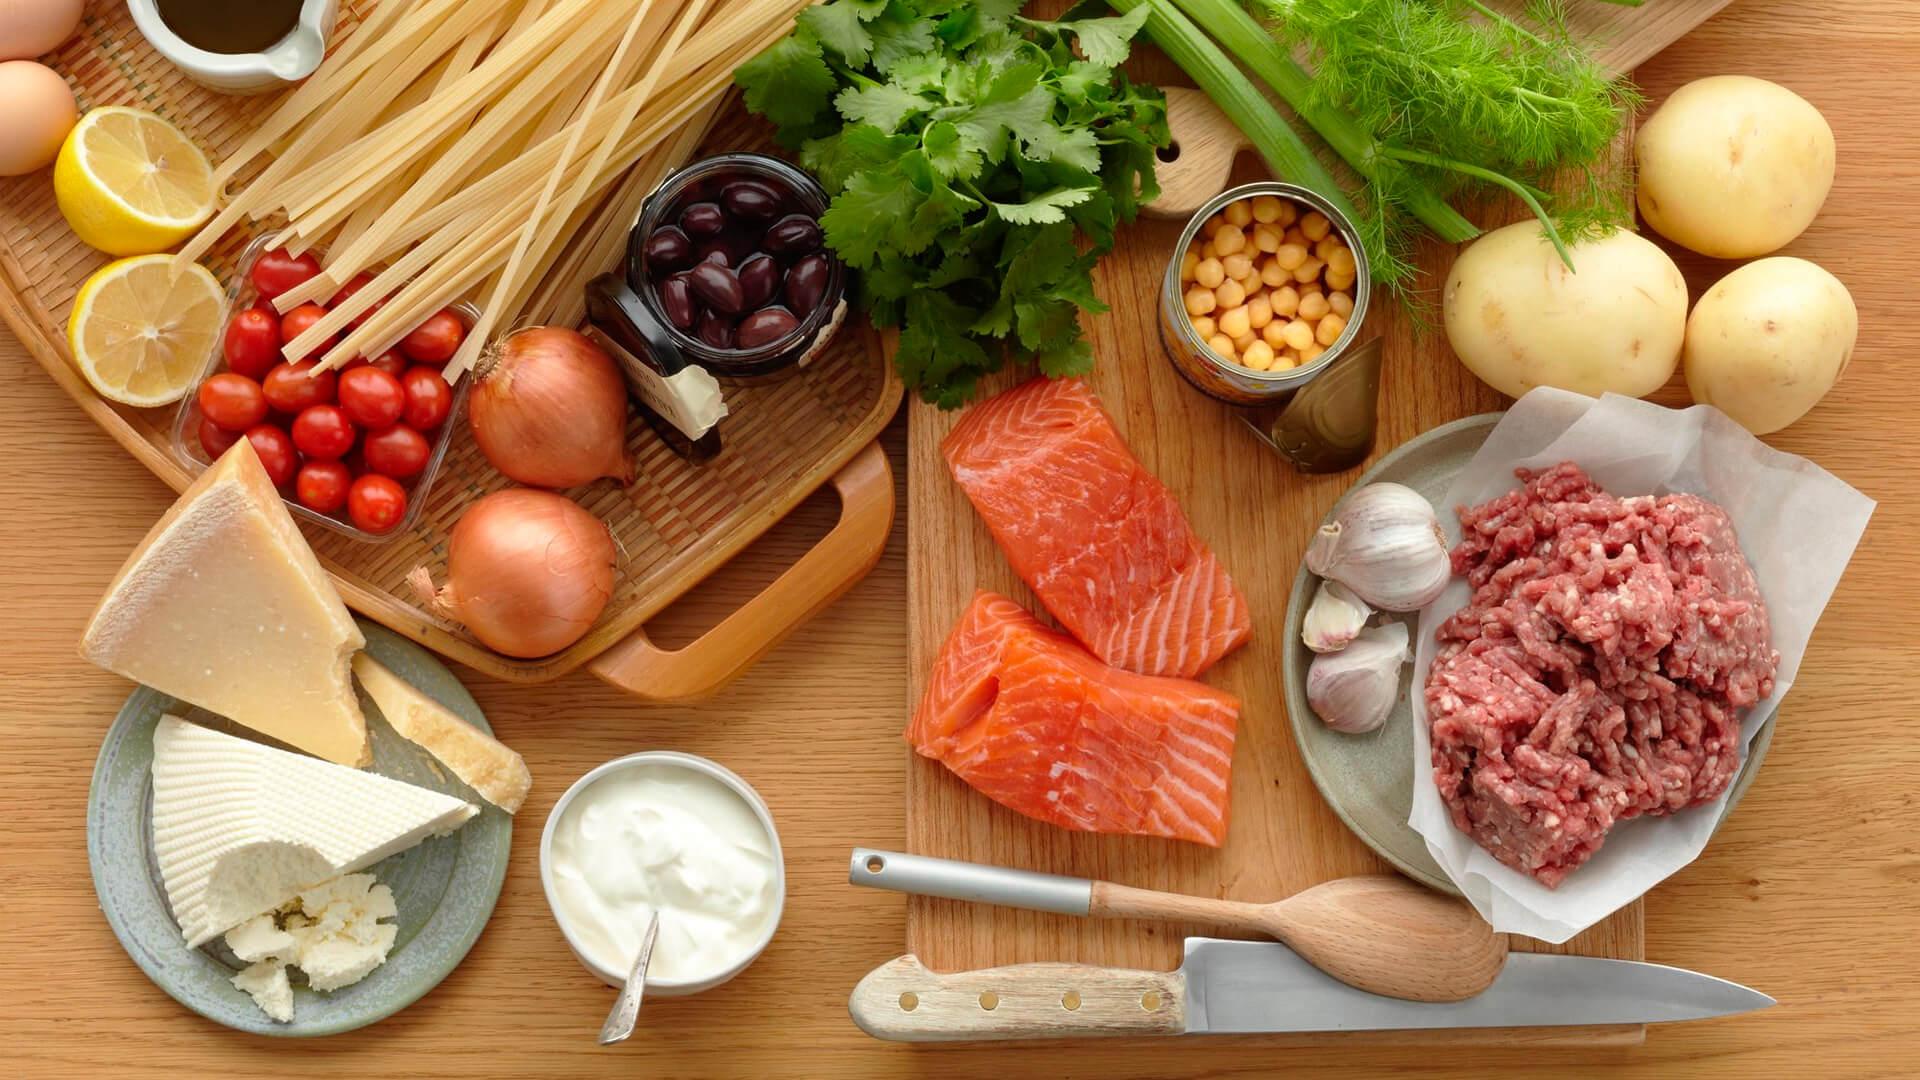 Даже если вы едите «идеально», незнание этого может оставить вас в депрессии